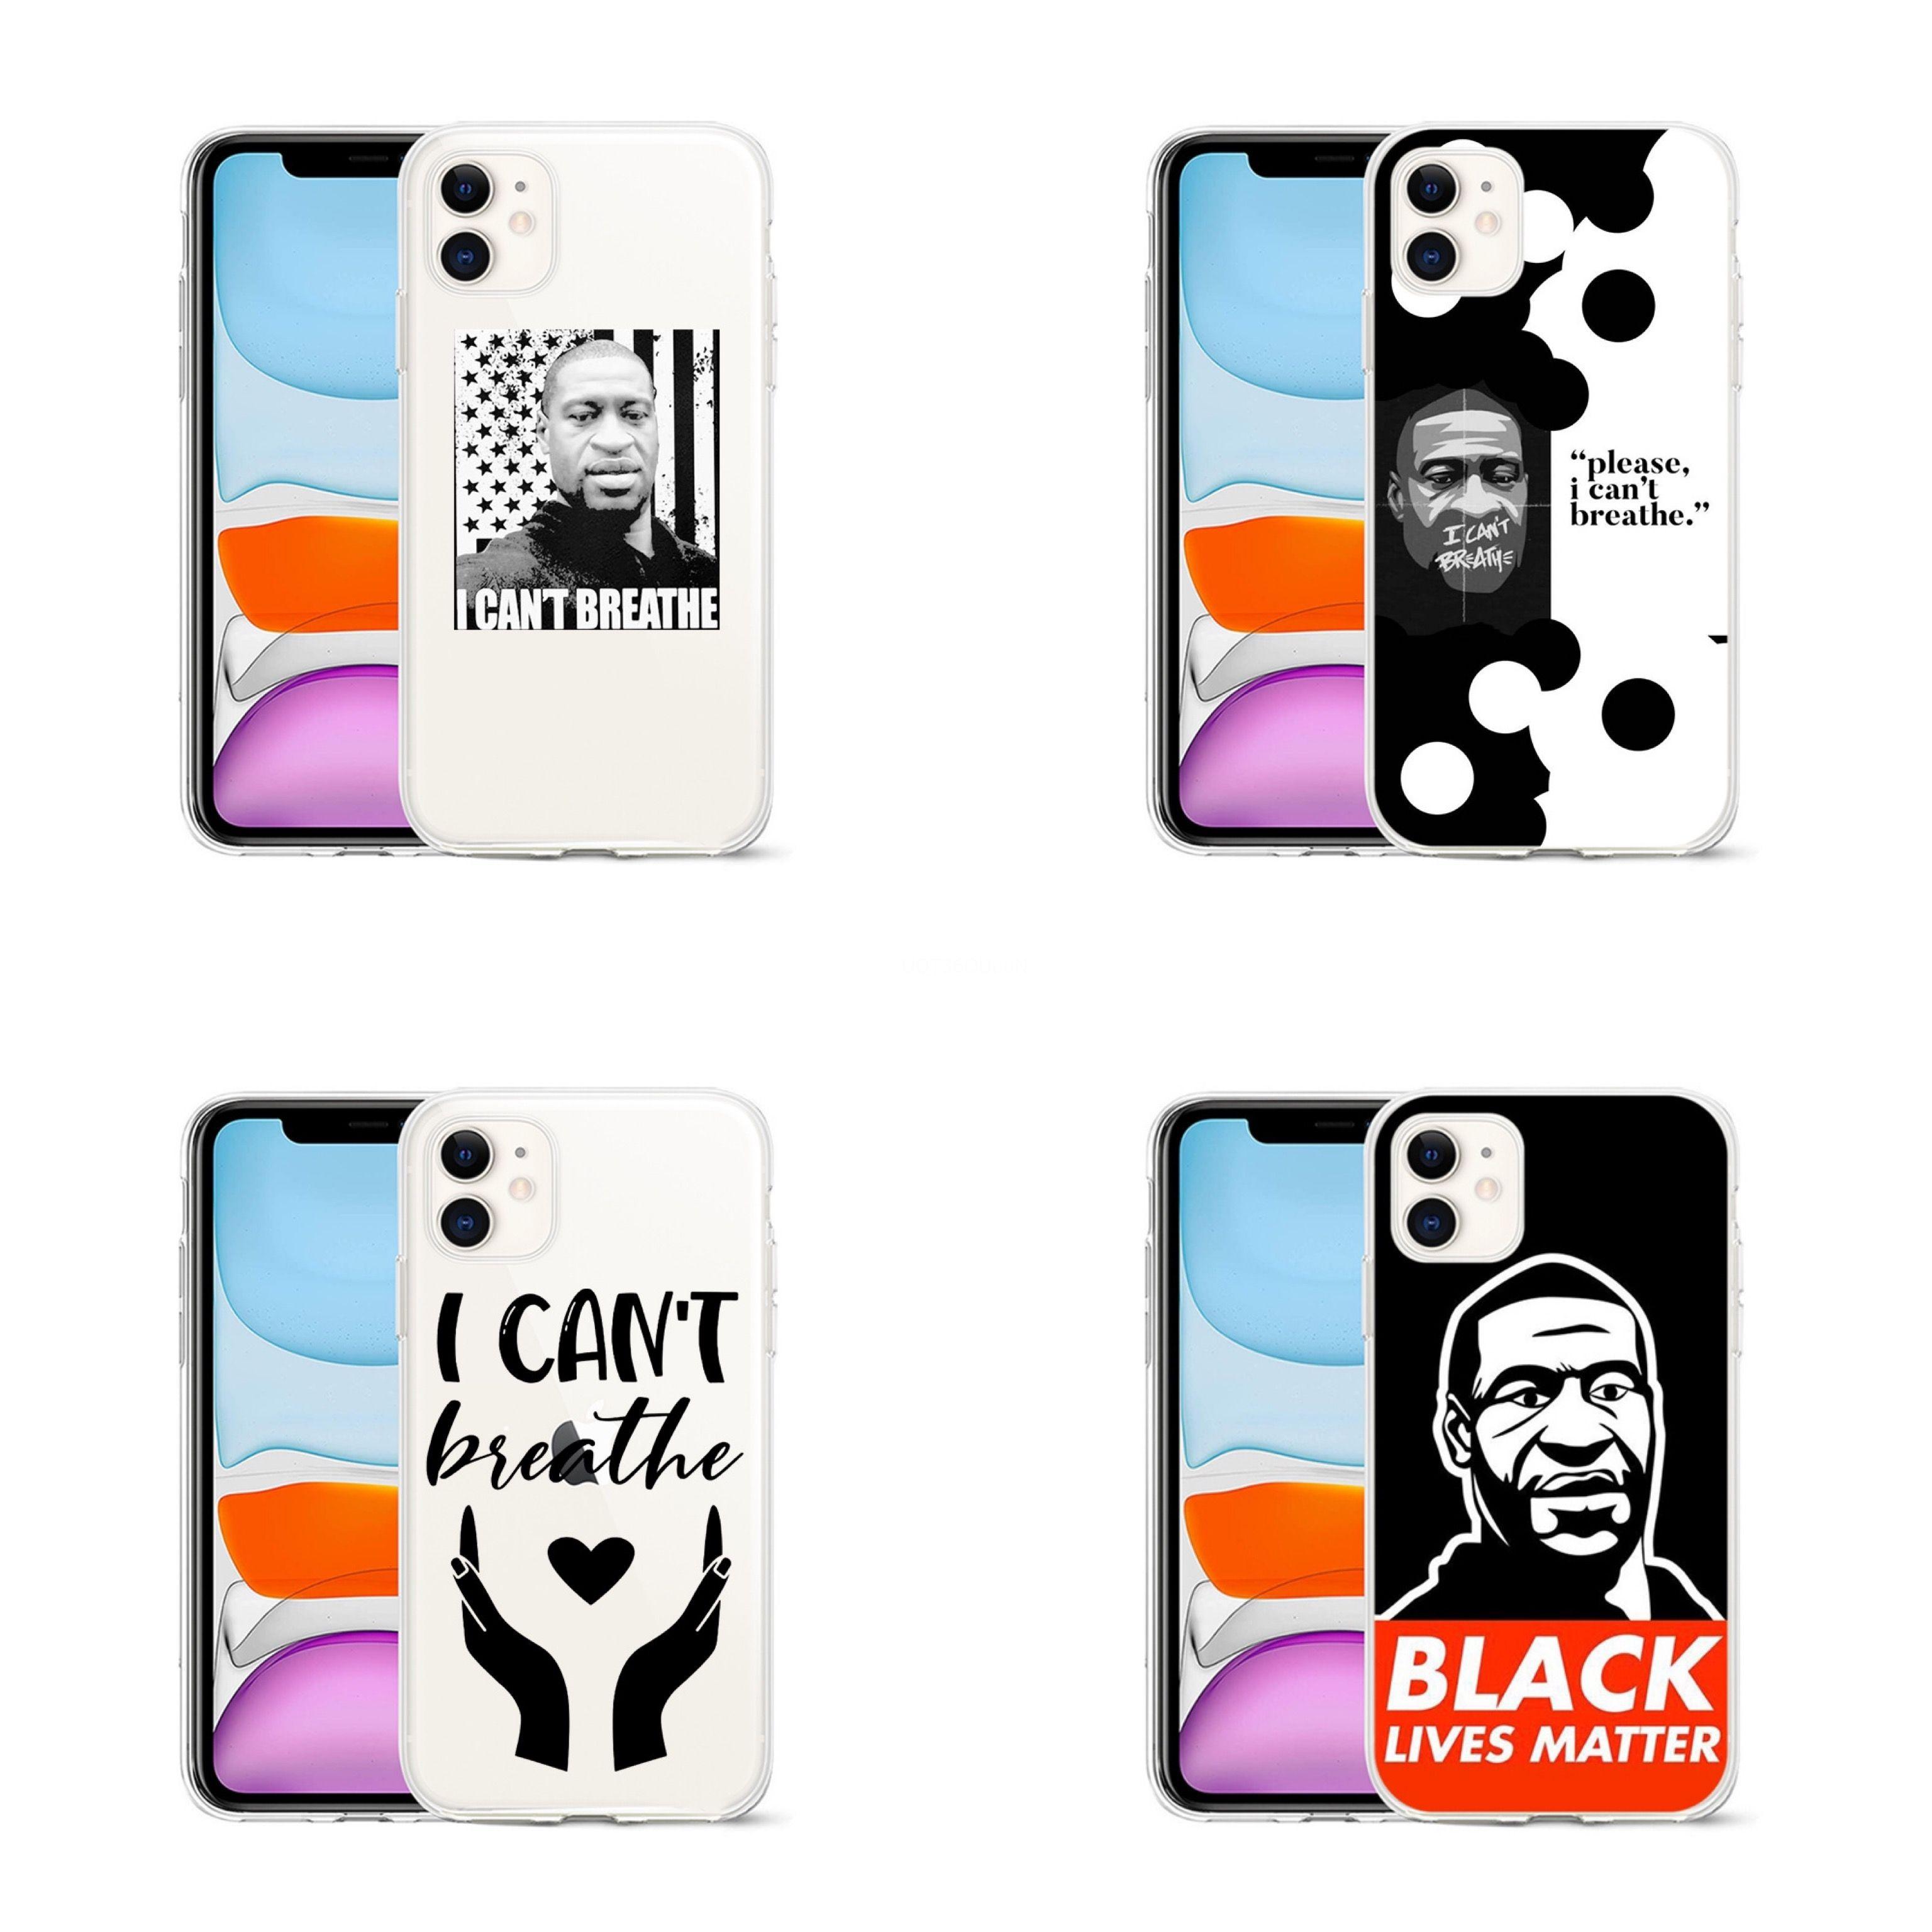 Tpu del nuevo diseñador Fundas africana Negro Arte piel de la muchacha de Shell del teléfono Moda pintado a mano de la muchacha de Shell del teléfono de chicas casos de teléfono para Iphone 11 Pro # OU3